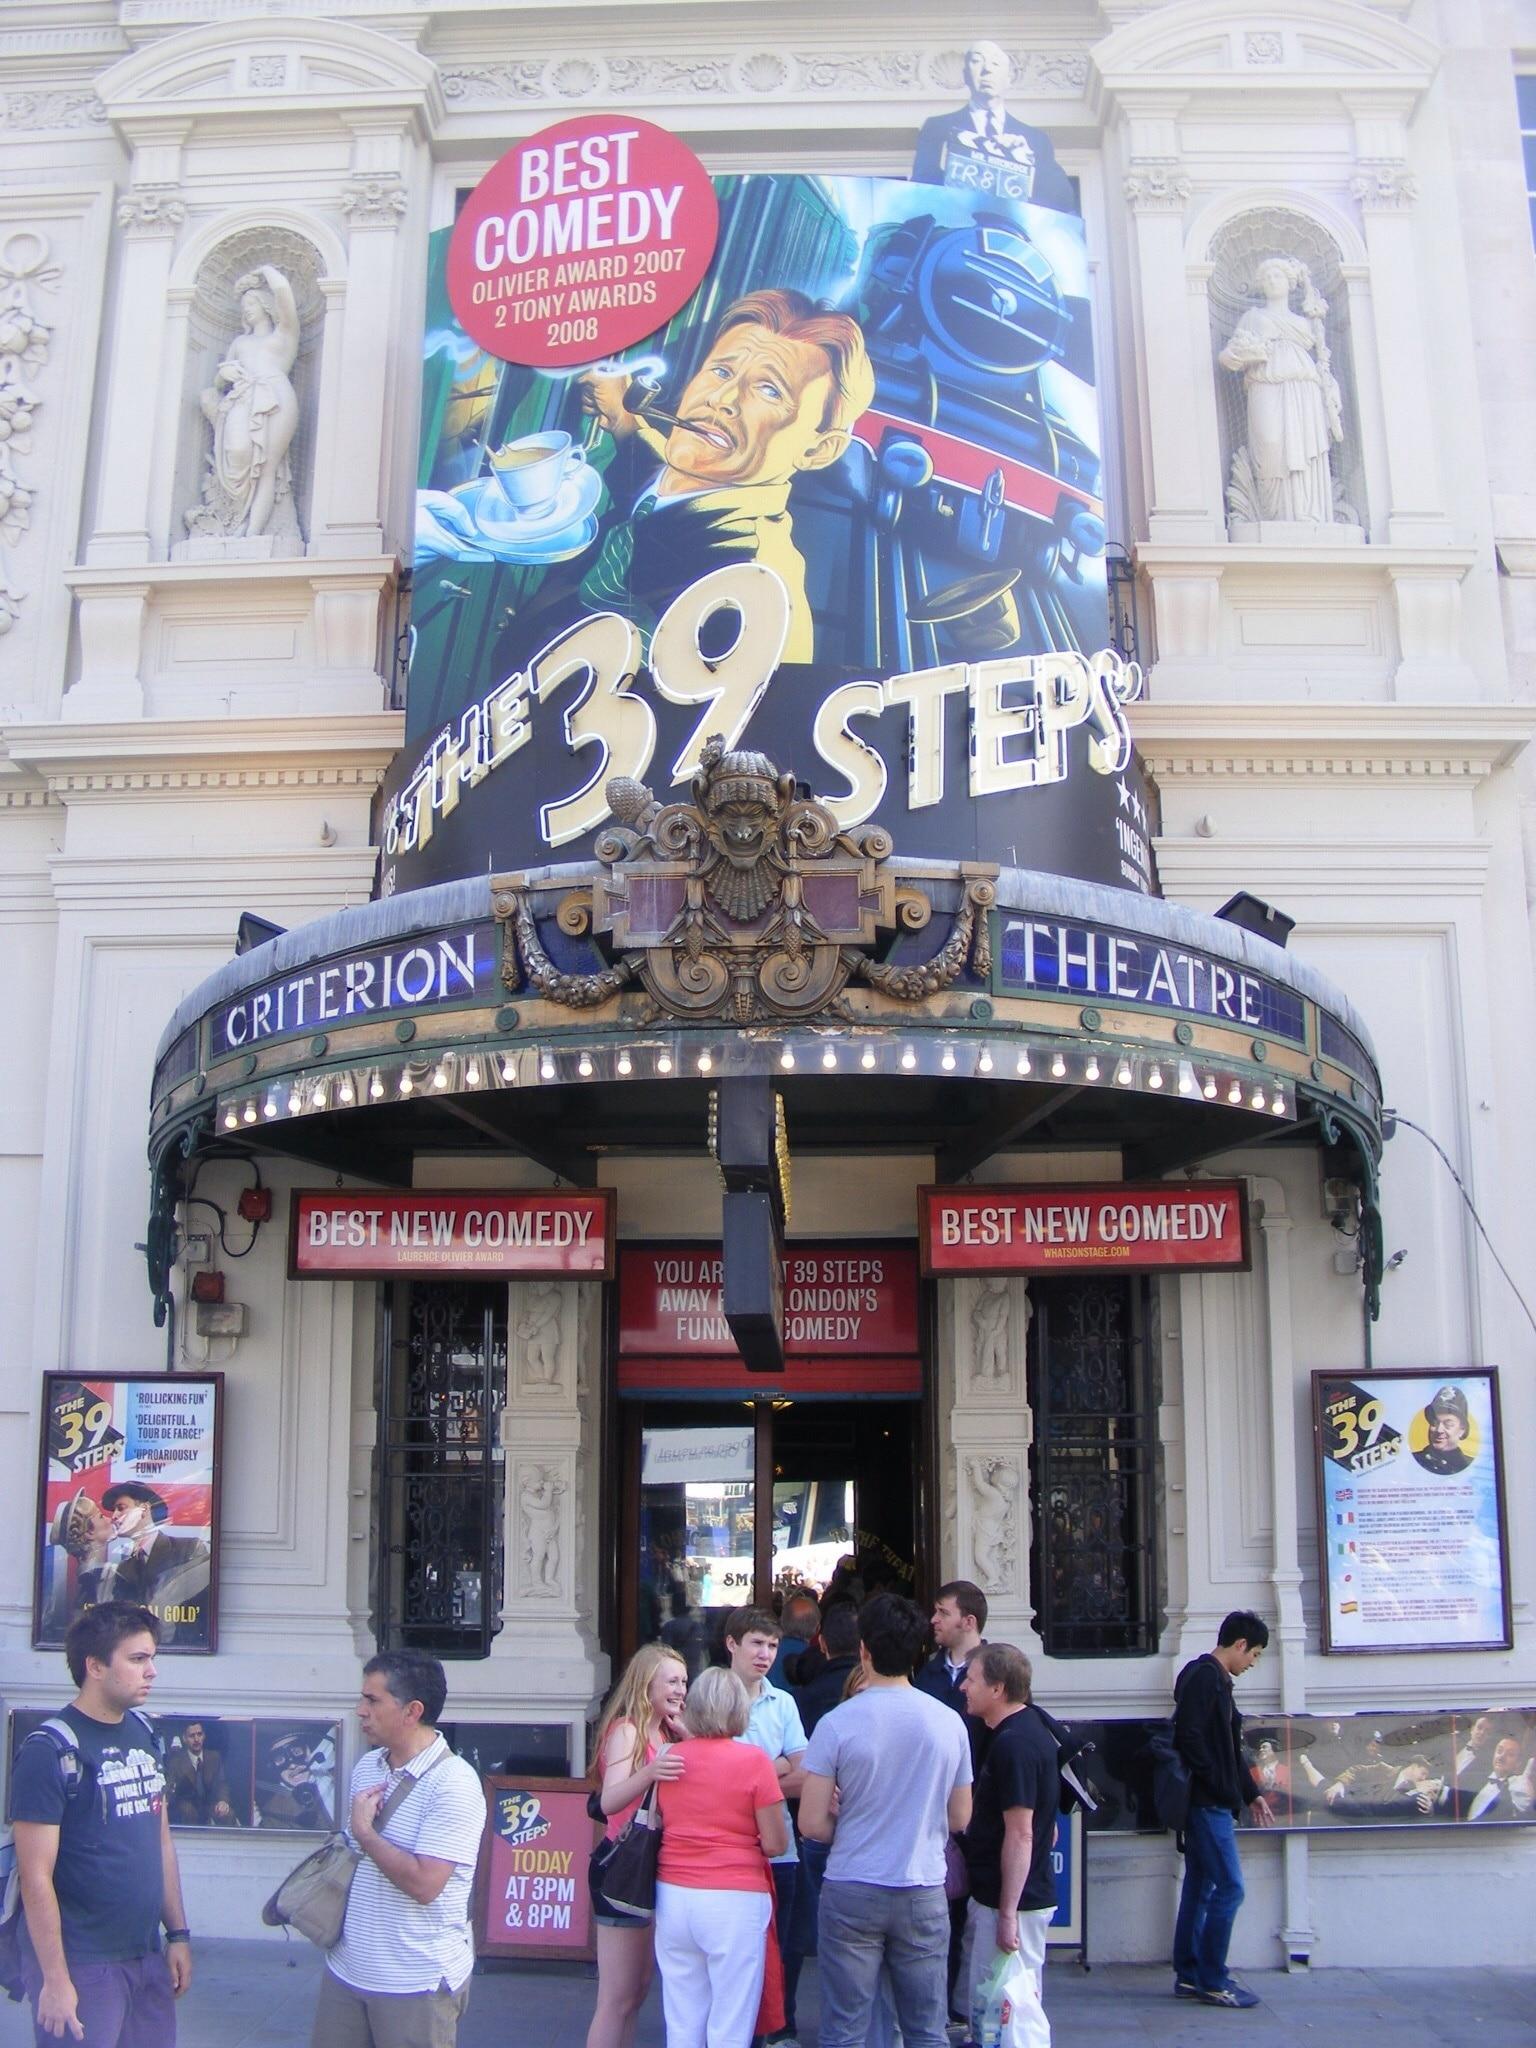 Criterion Theatre, London, England, Großbritannien